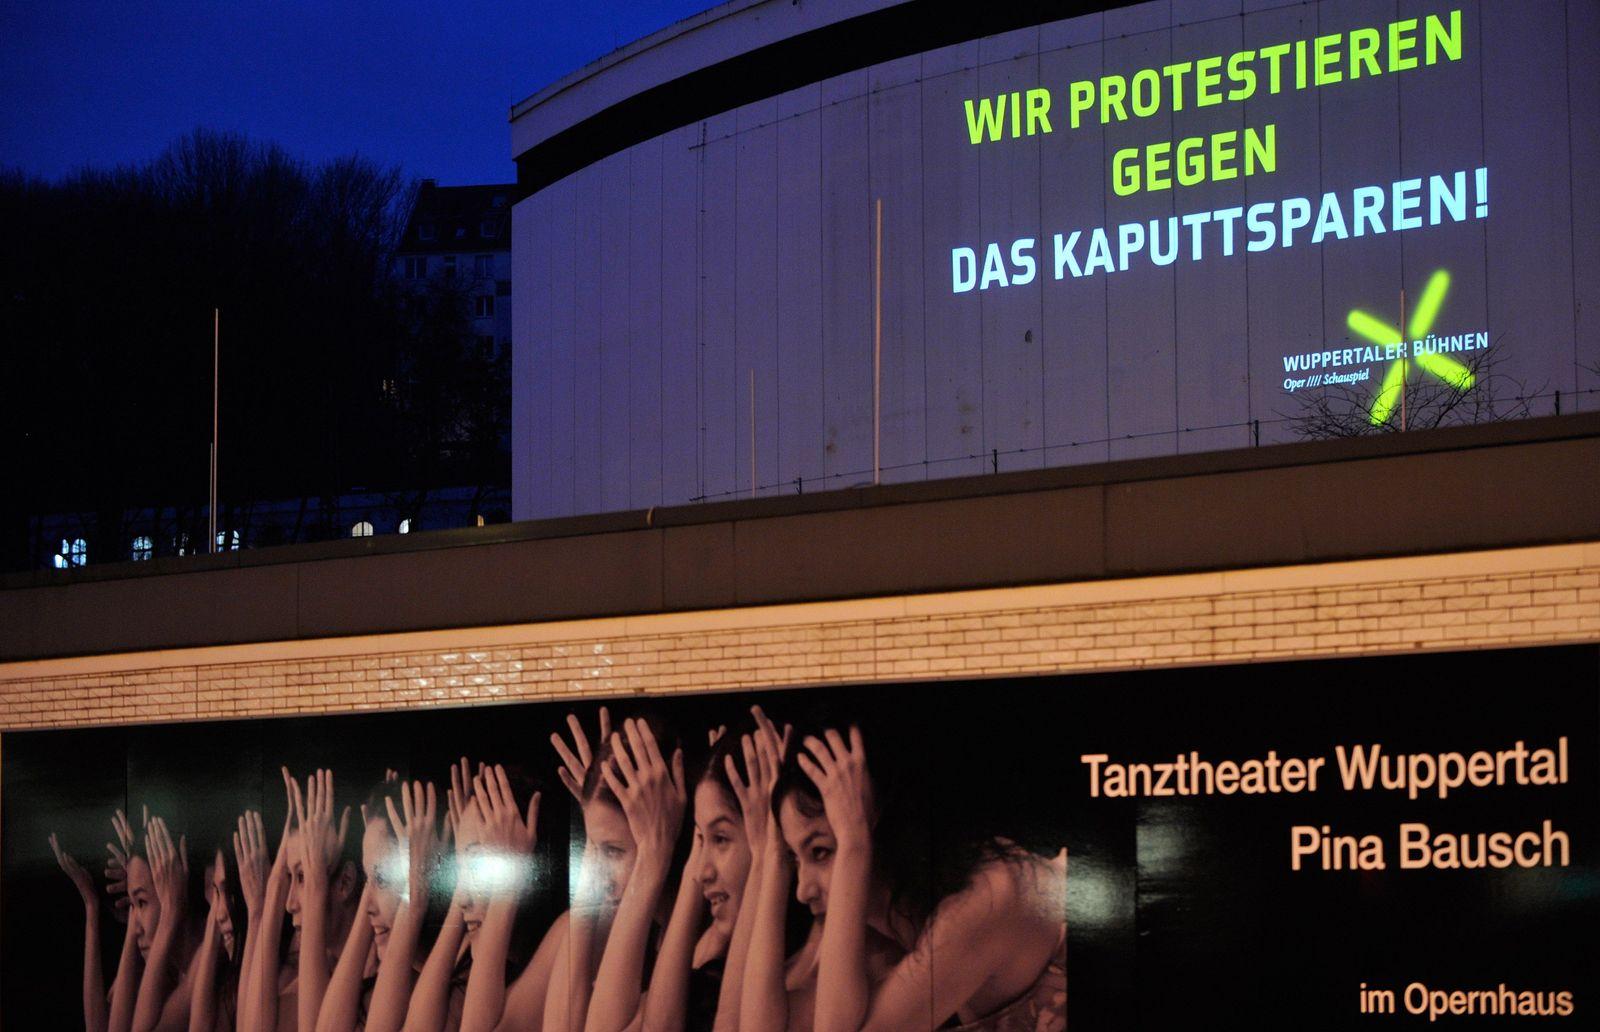 NICHT VERWENDEN Wuppertal protestiert gegen Sparplaene im Kulturbereich